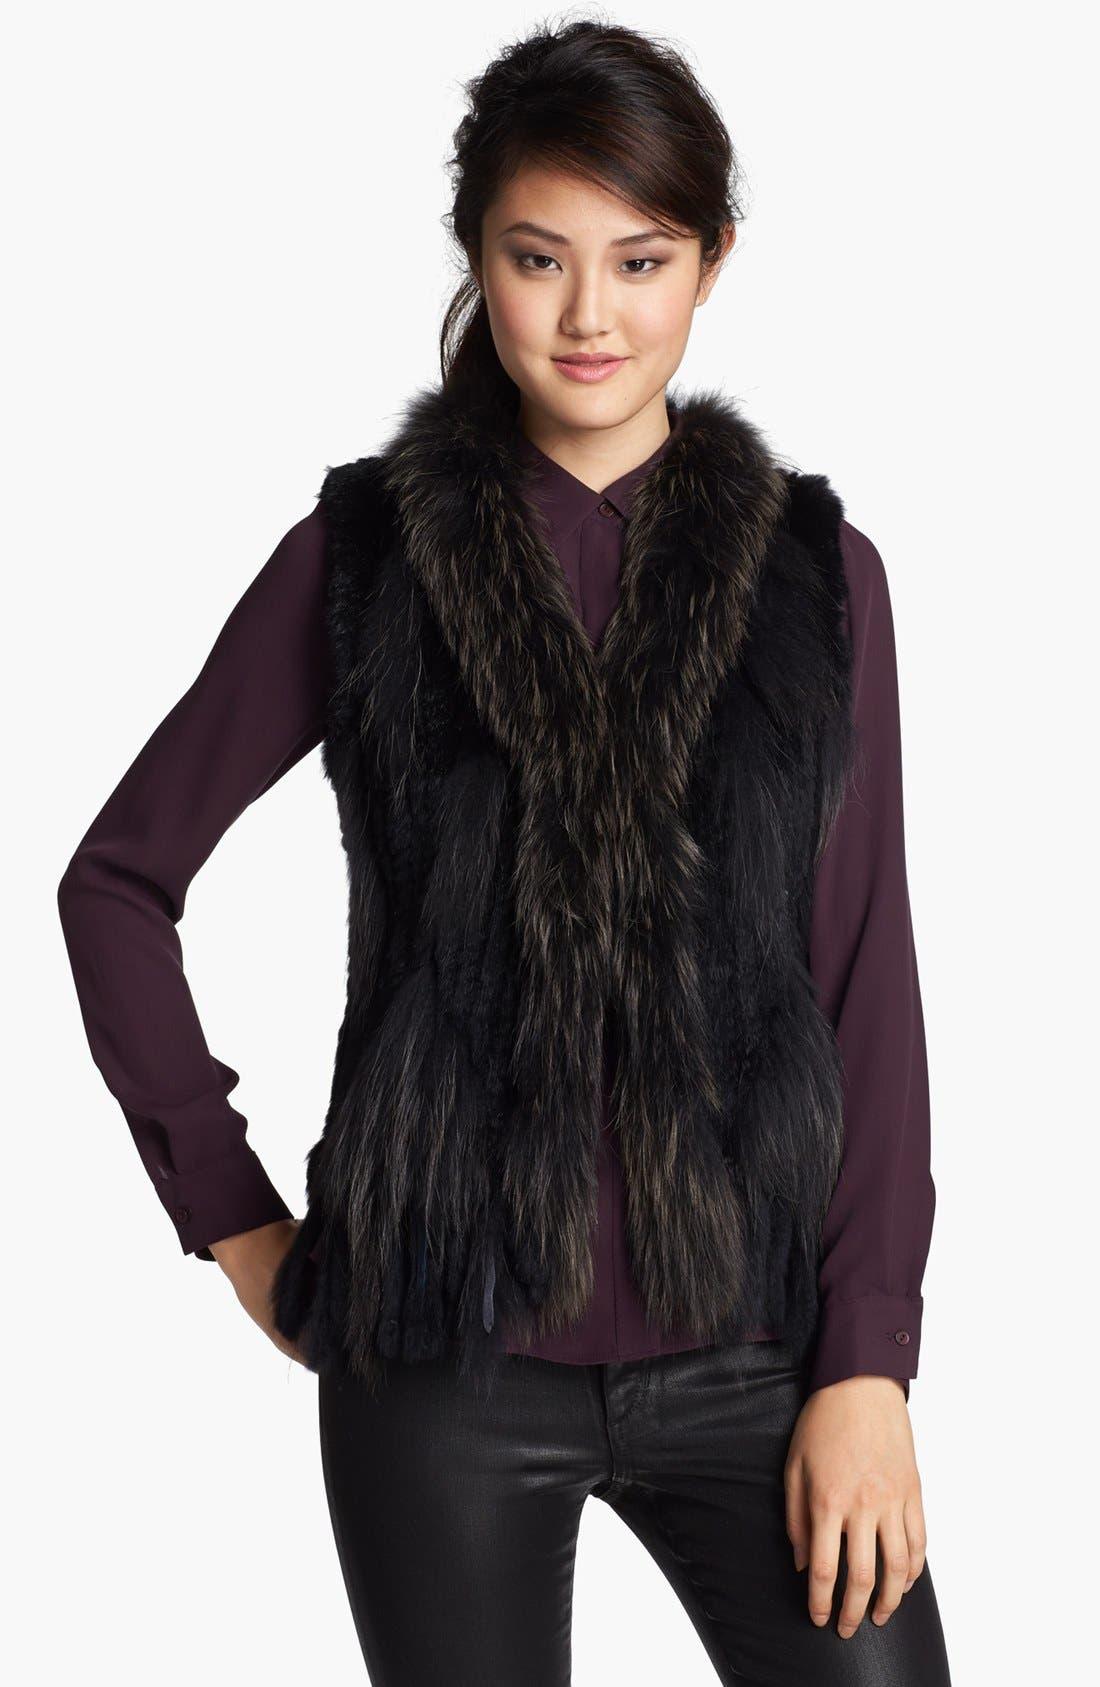 Genuine Rabbit & Raccoon Fur Vest,                             Main thumbnail 1, color,                             Black